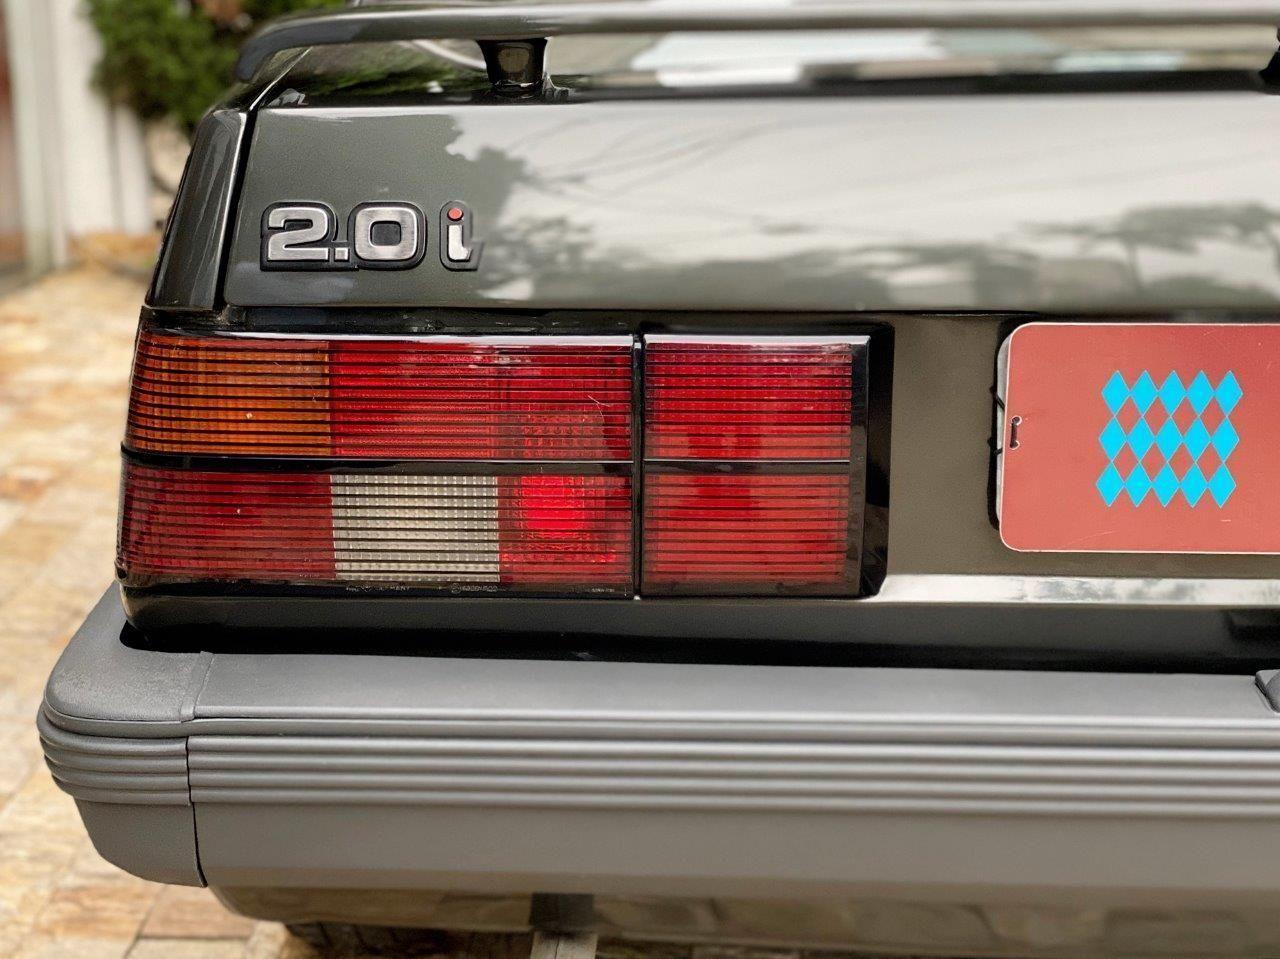 Monza 500 EF 2.0i 1990 apenas 5000 unidades produzidas Série especial